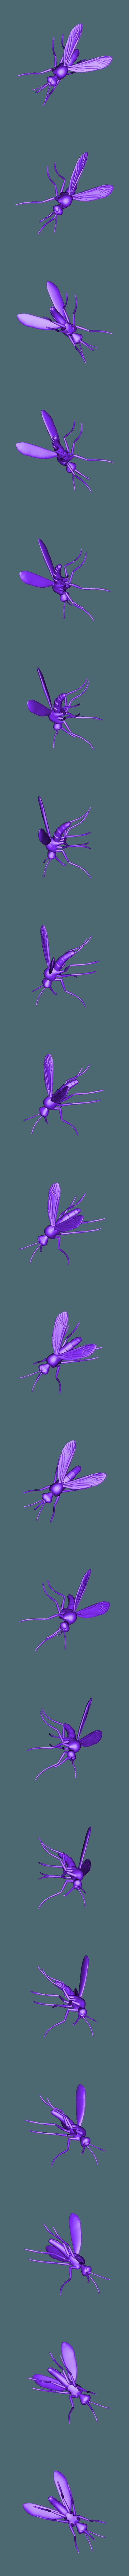 MosquitoSolo.stl Télécharger fichier STL gratuit Modèle Mosquito • Objet pour imprimante 3D, ChaosCoreTech